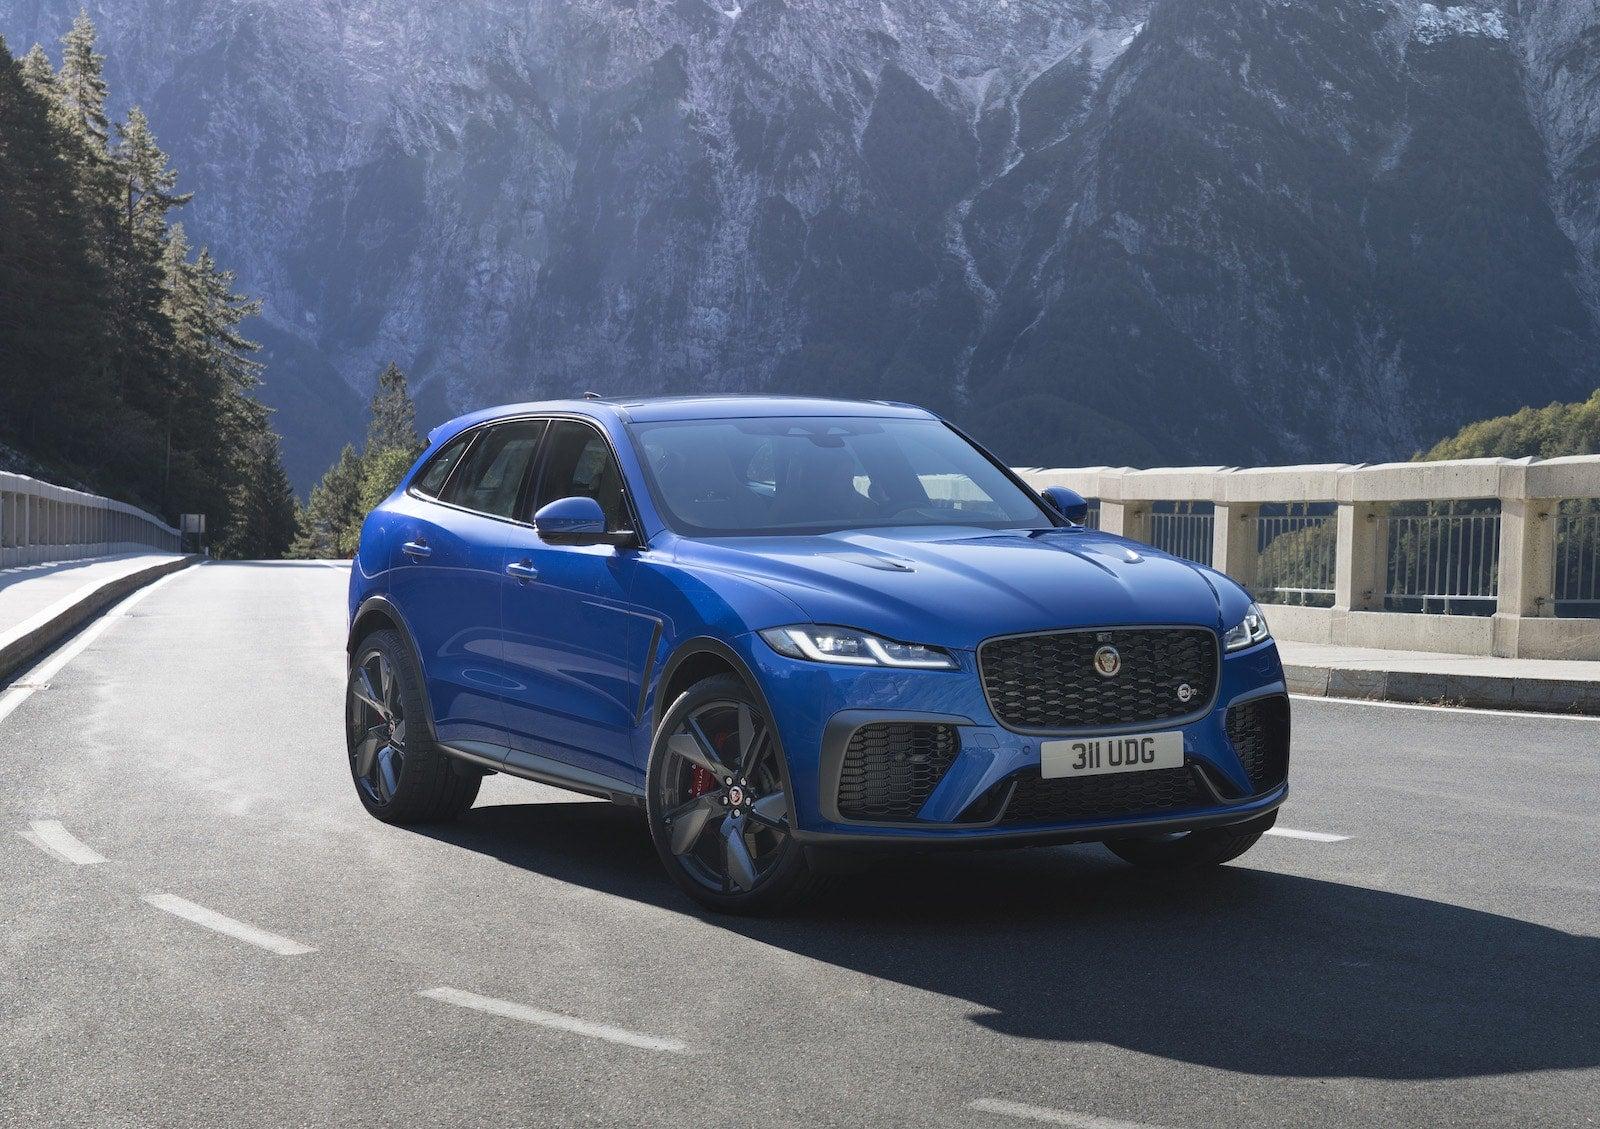 Jaguar S Suv Line Muscles Up With 2021 F Pace Svr Debut The Detroit Bureau